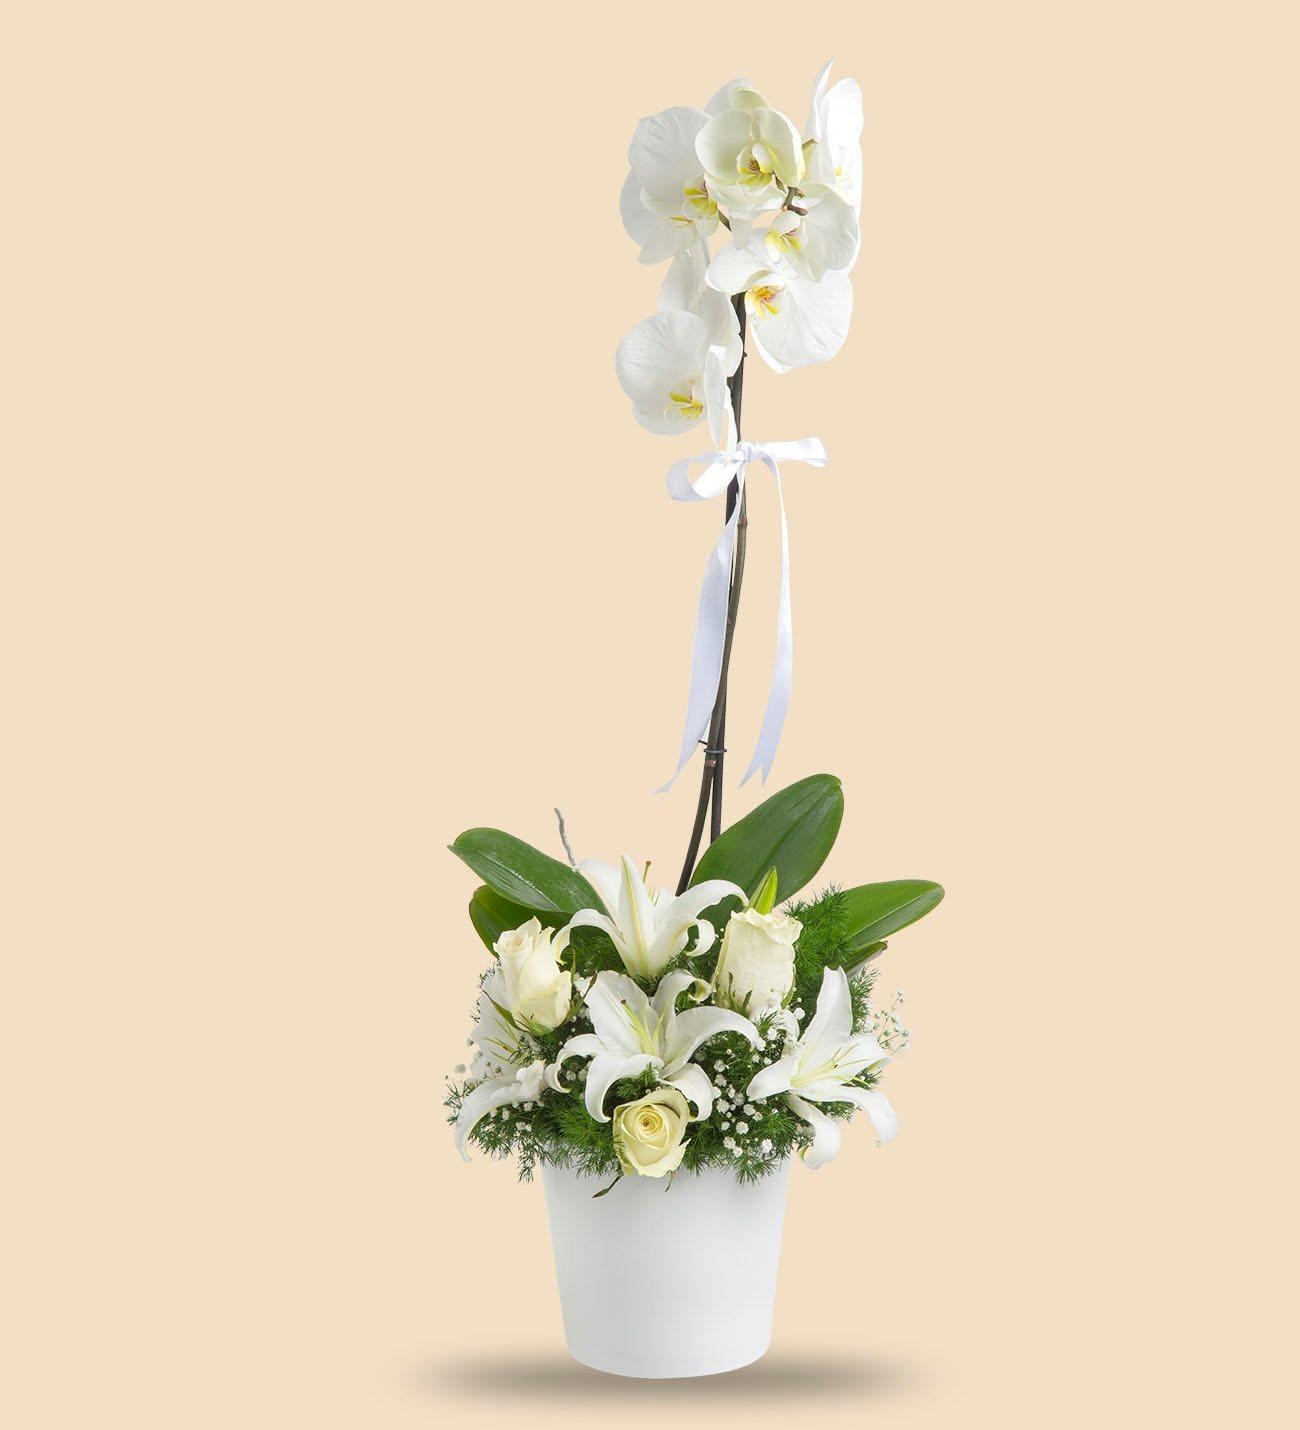 Orkide için ne tür bir gübre gereklidir